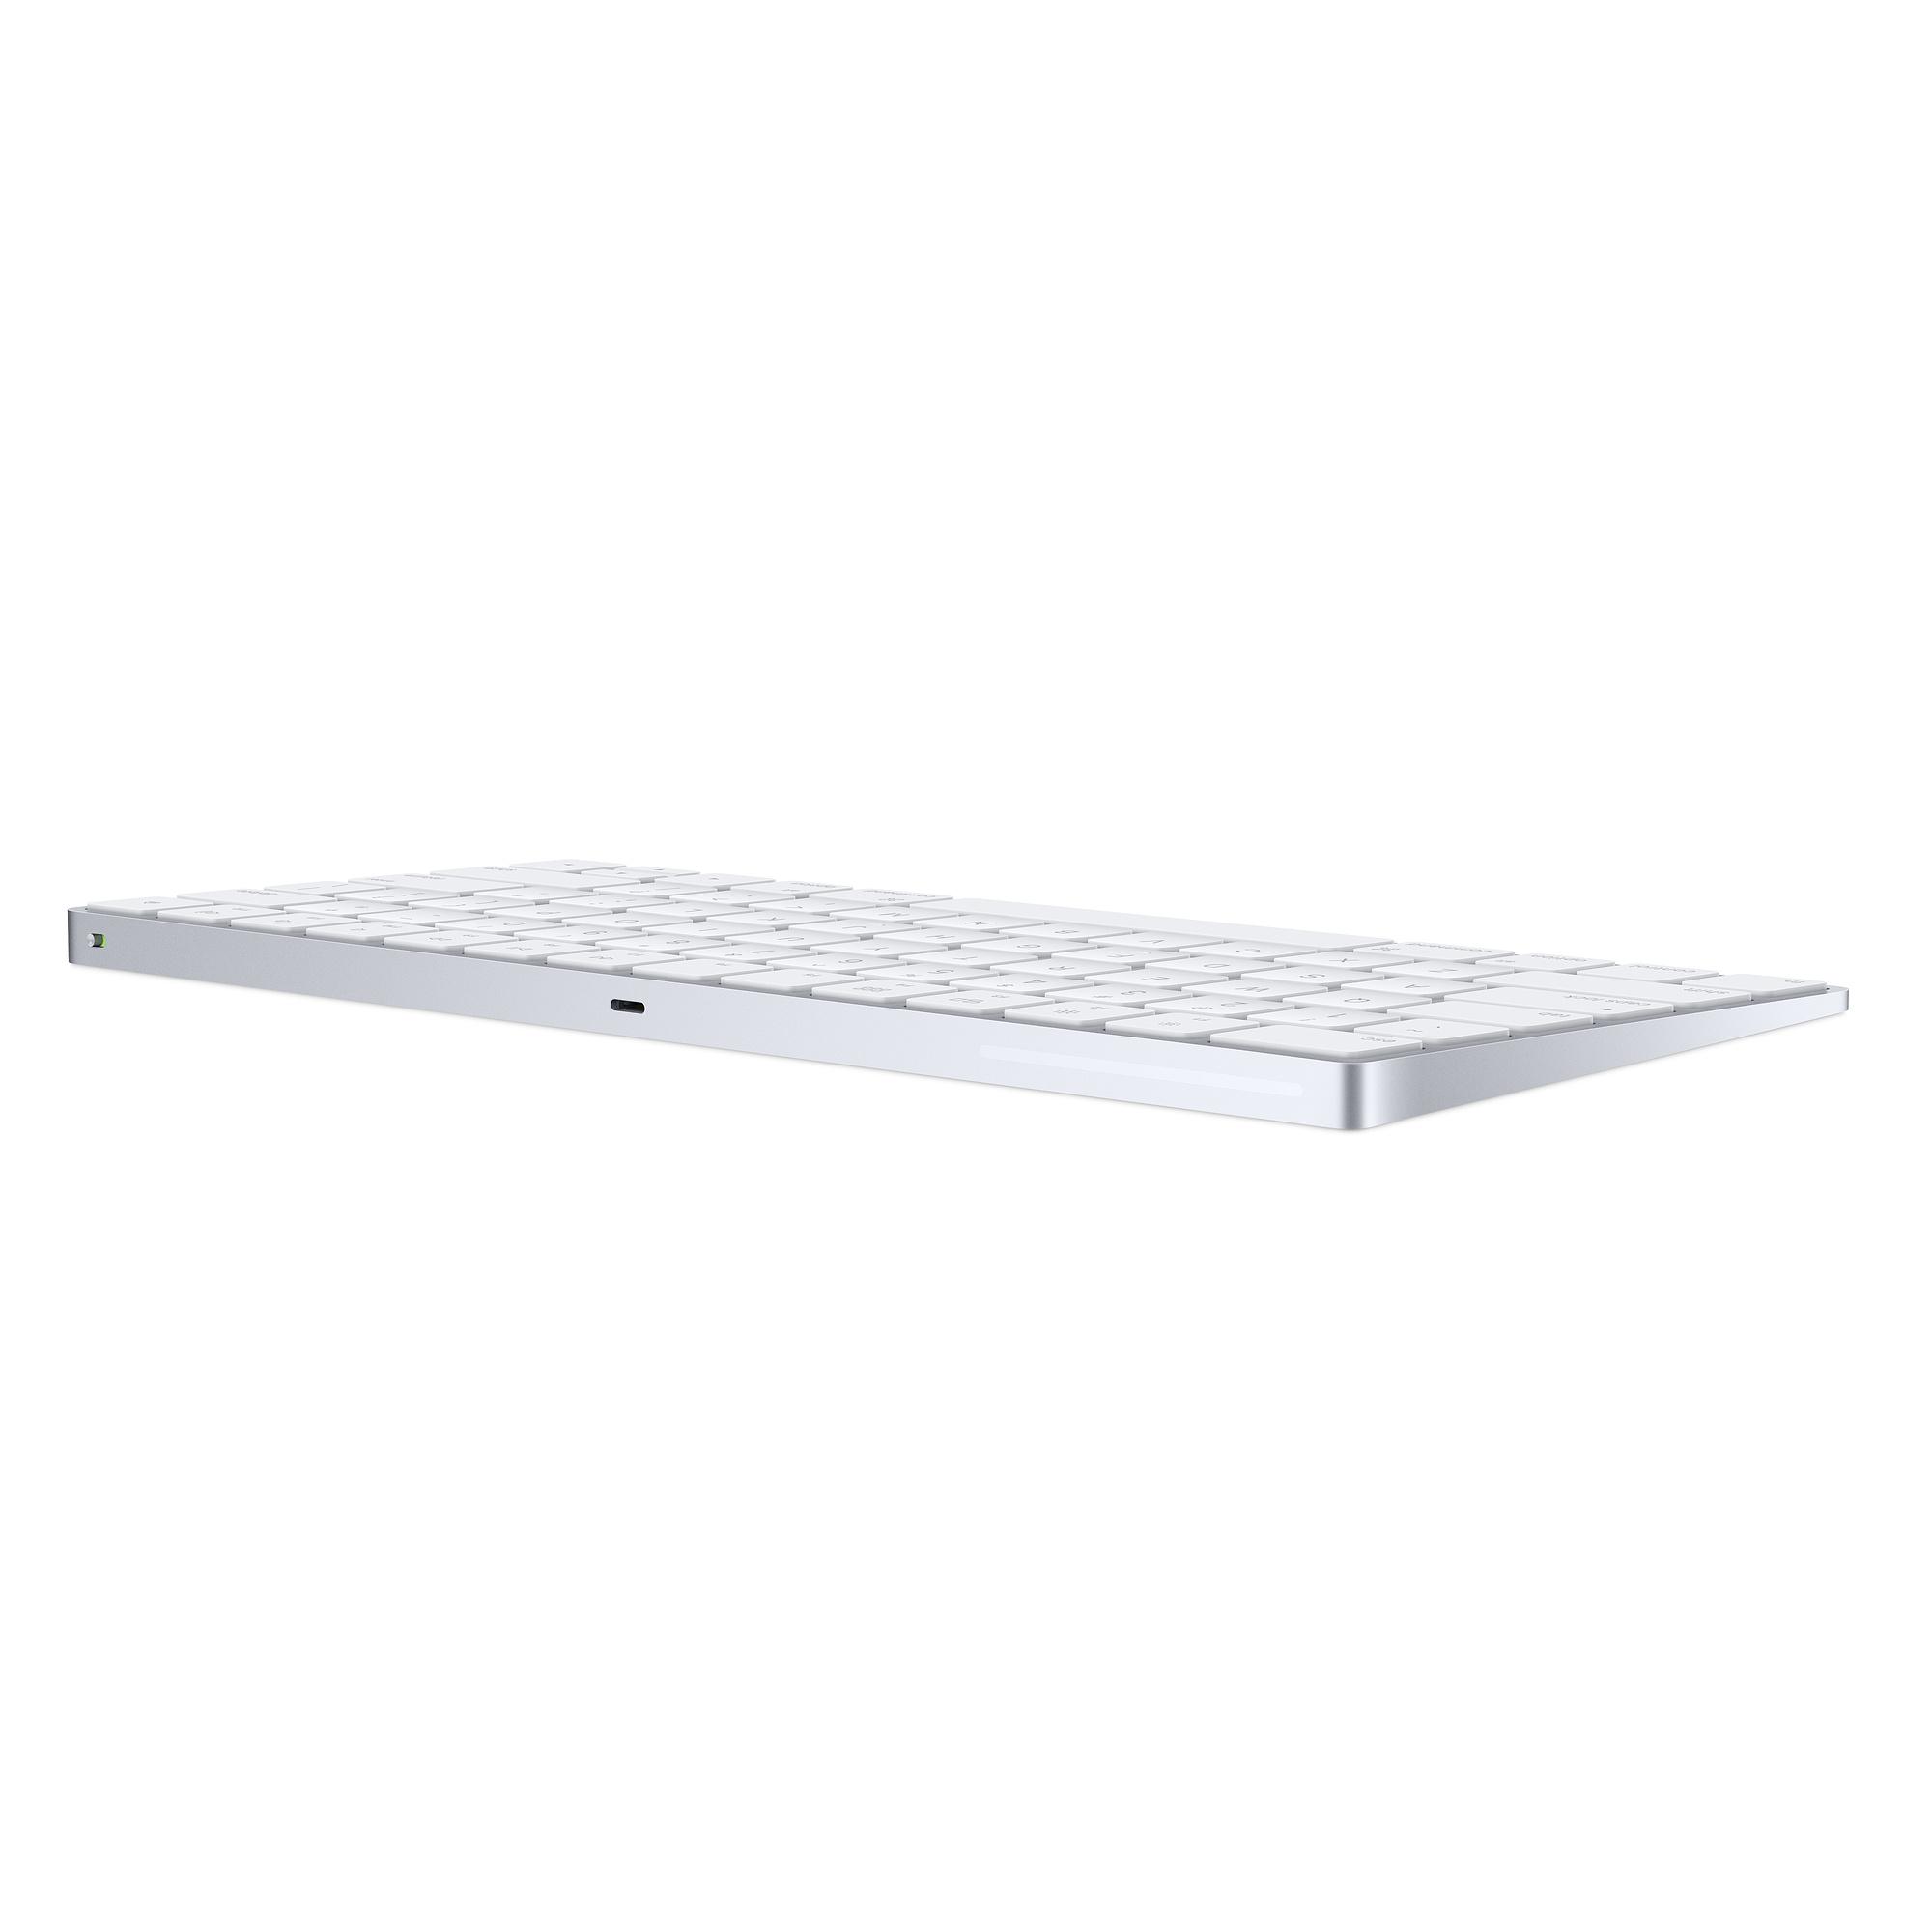 Apple Magic Keyboard - Nederlands - Nieuw zonder verpakking